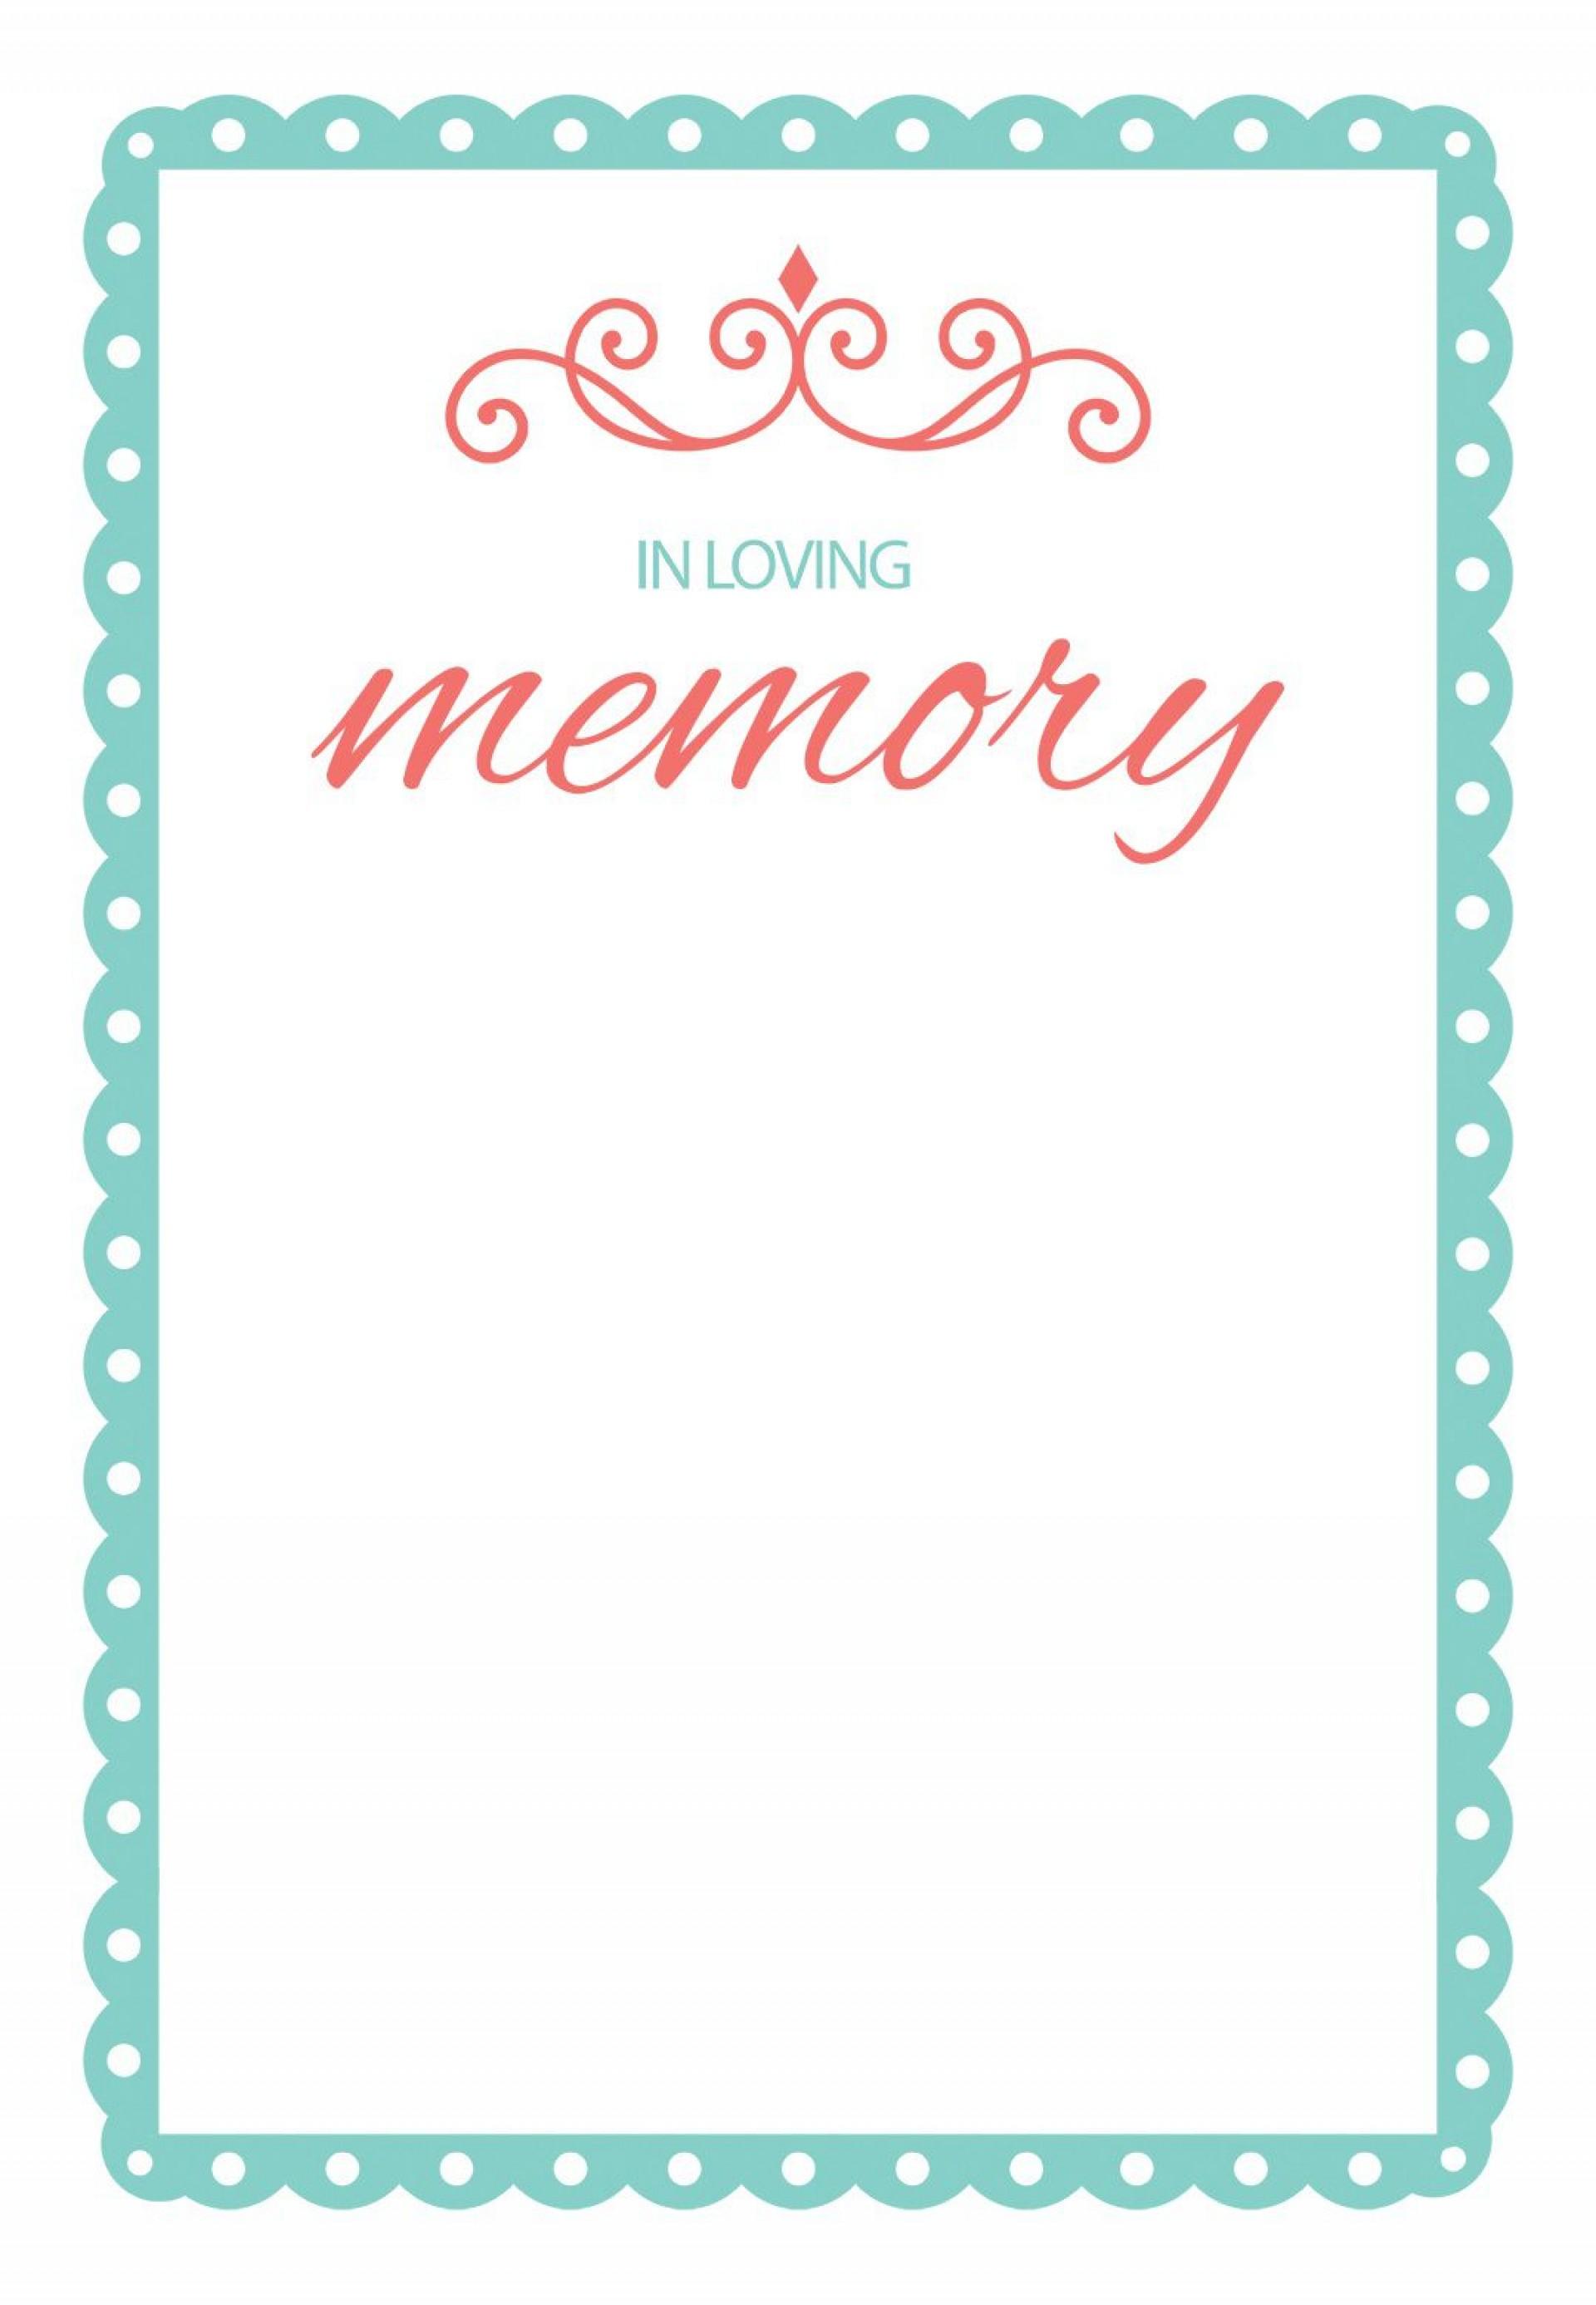 004 Fascinating Memorial Card Template Free Download Design 1920